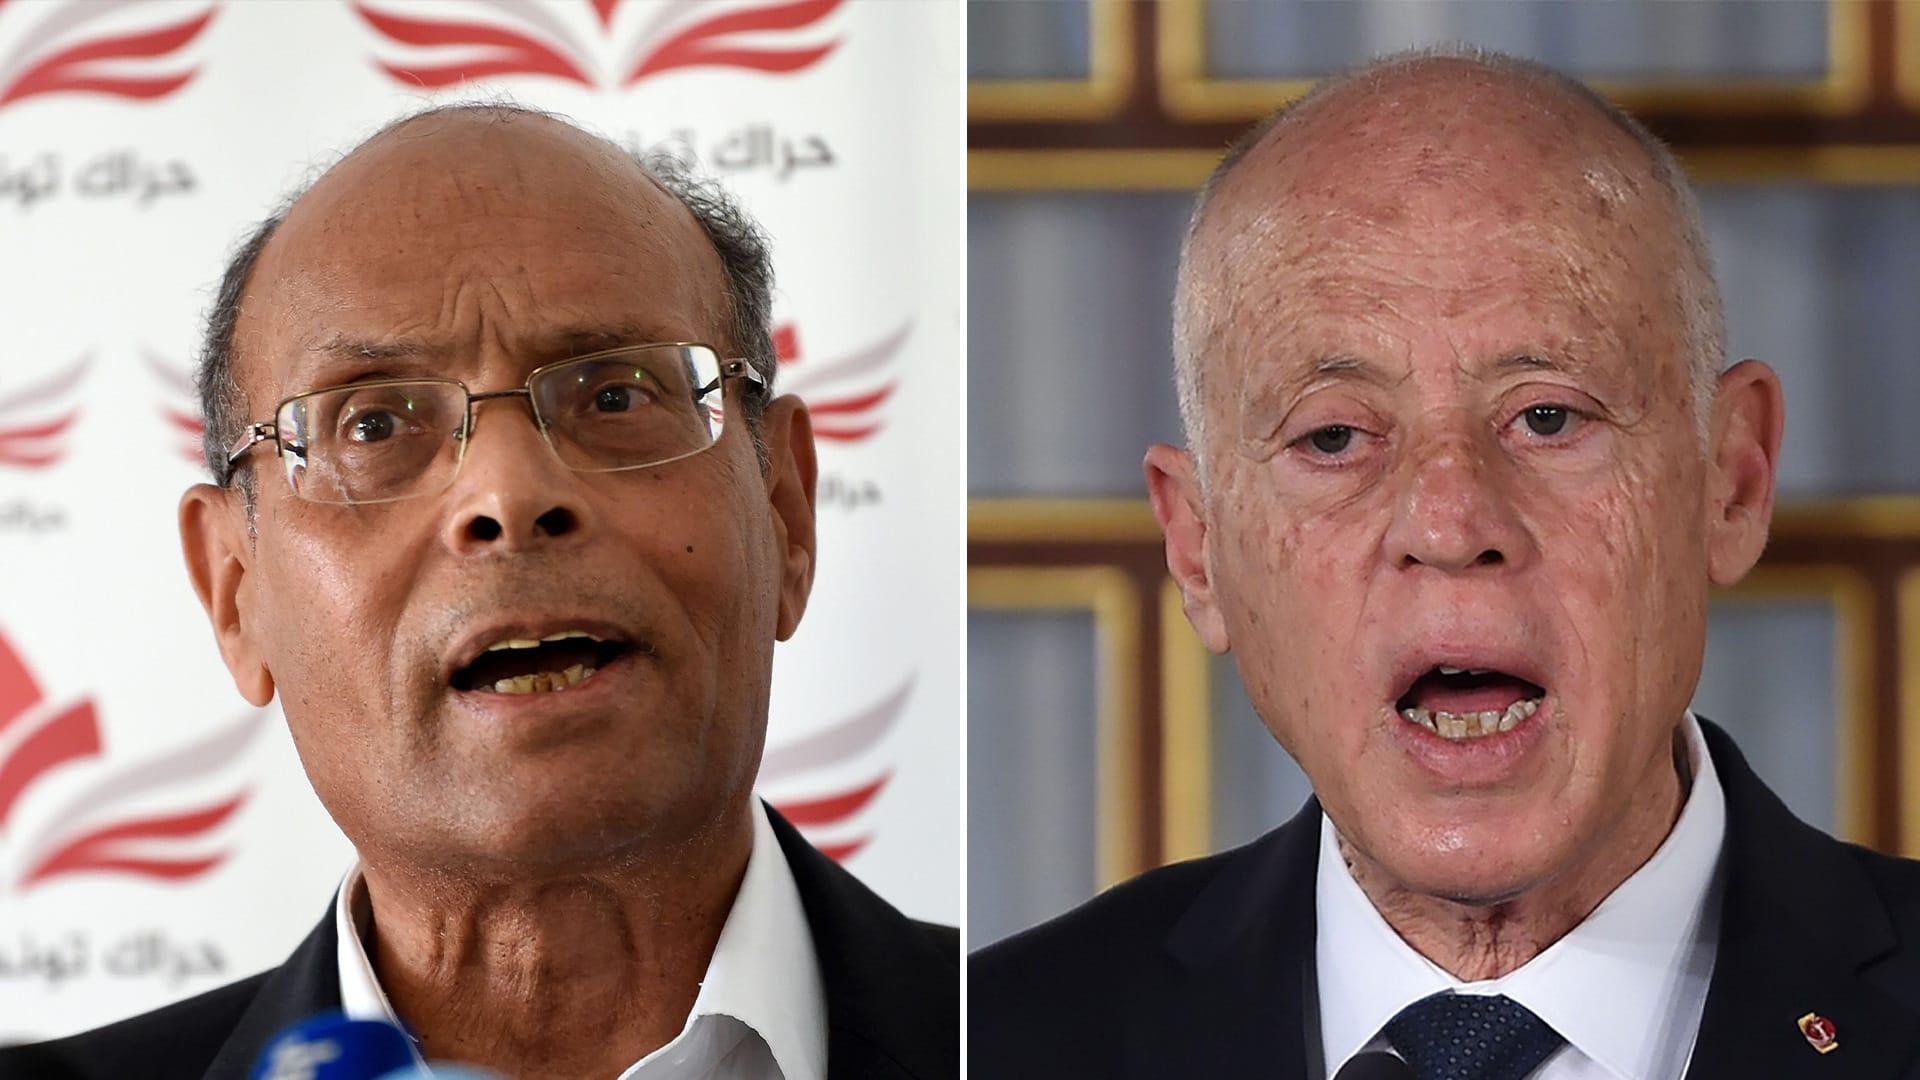 لرئيس التونسي، قيس سعيد والرئيس السابق منصف المرزوقي